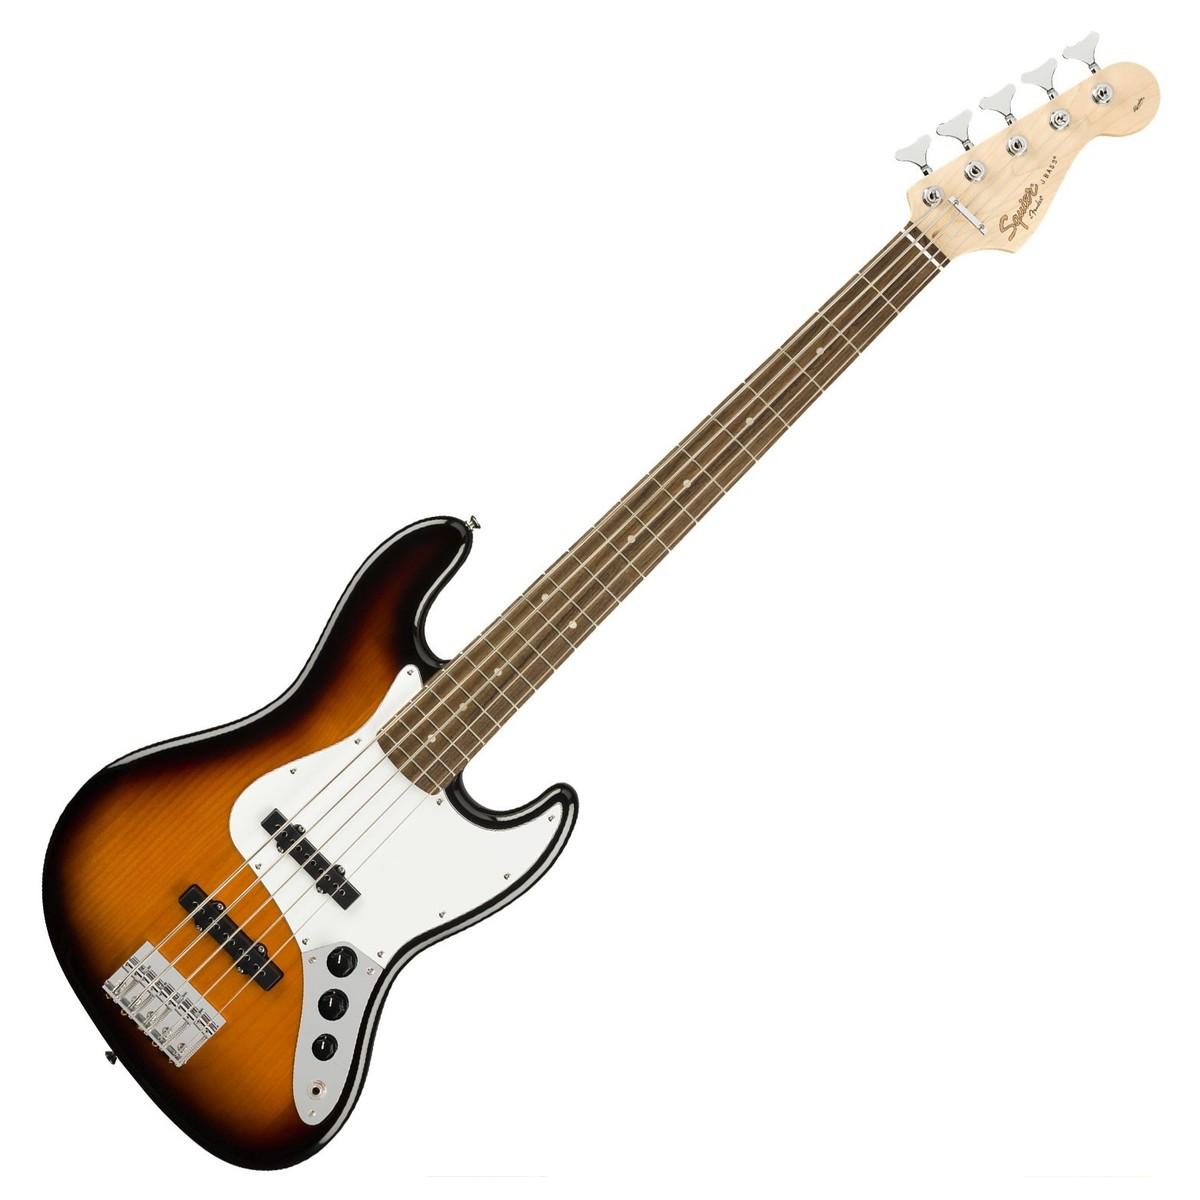 squier affinity jazz bass v 5 string sunburst at gear4music. Black Bedroom Furniture Sets. Home Design Ideas